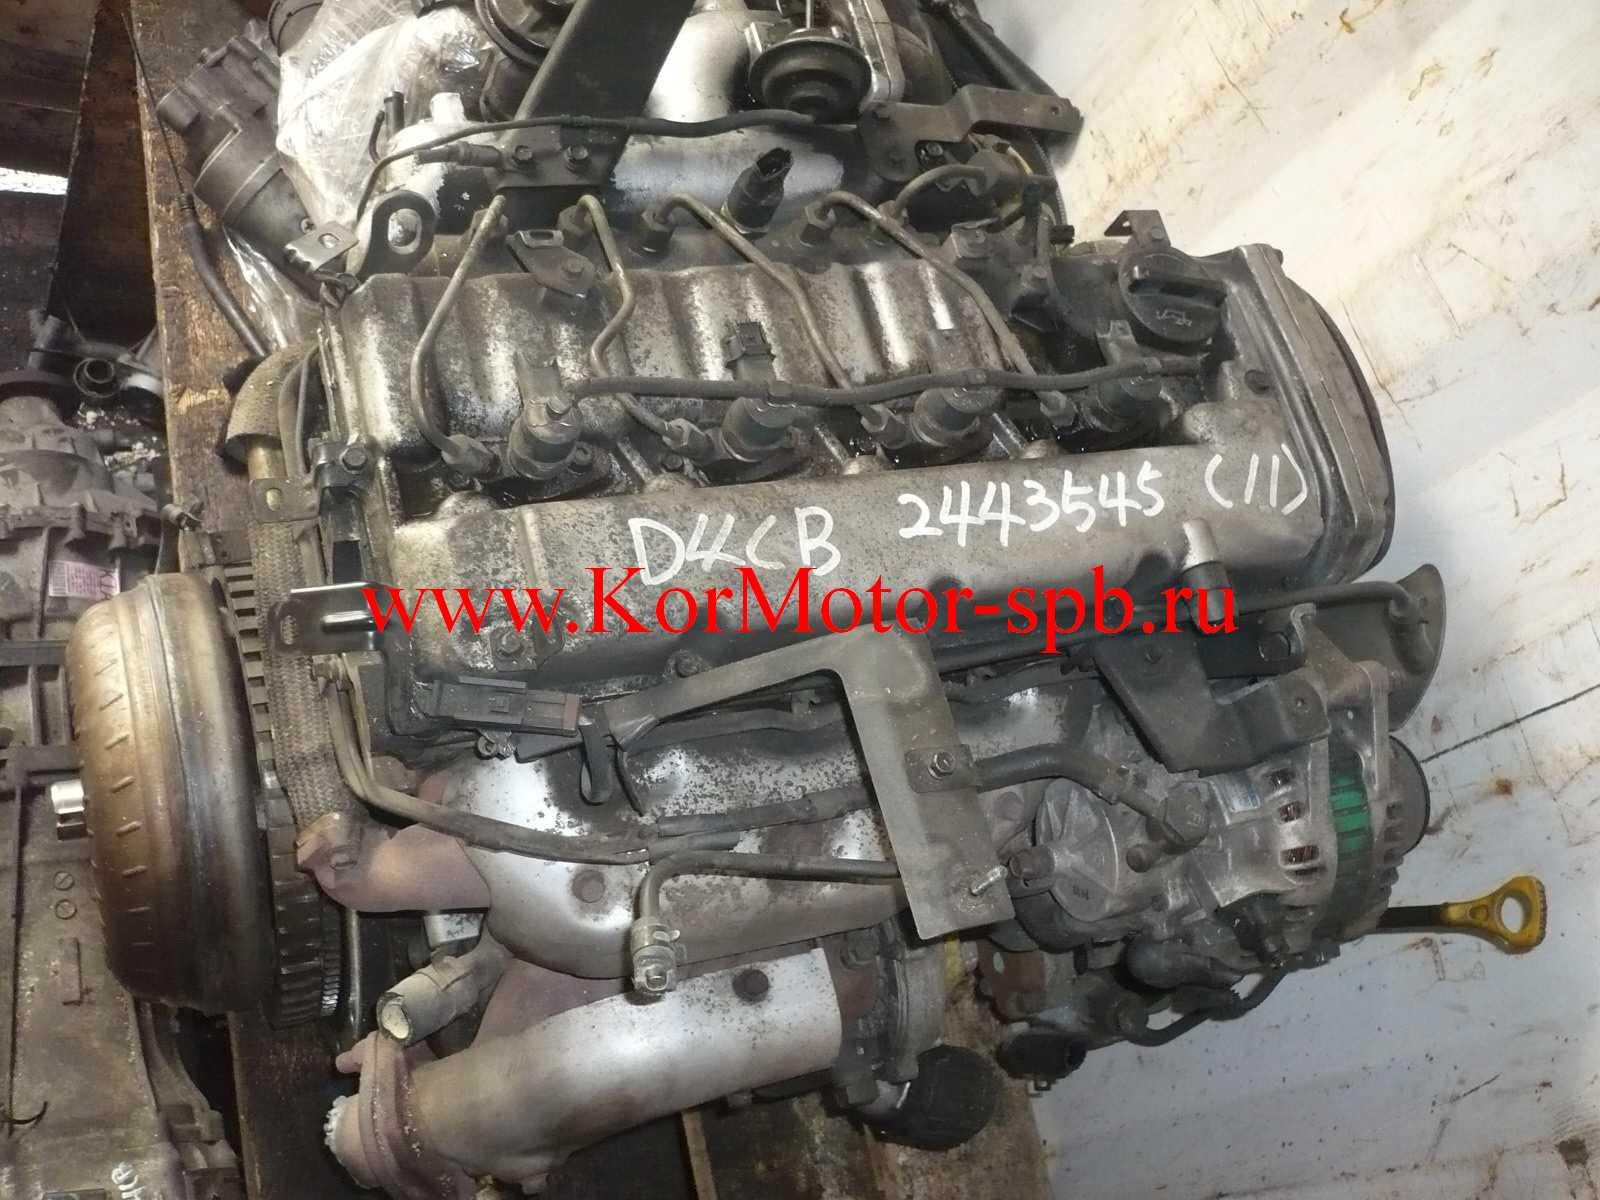 Купить двигатель для Hyundai Starex 2.5 D4CB 145hp